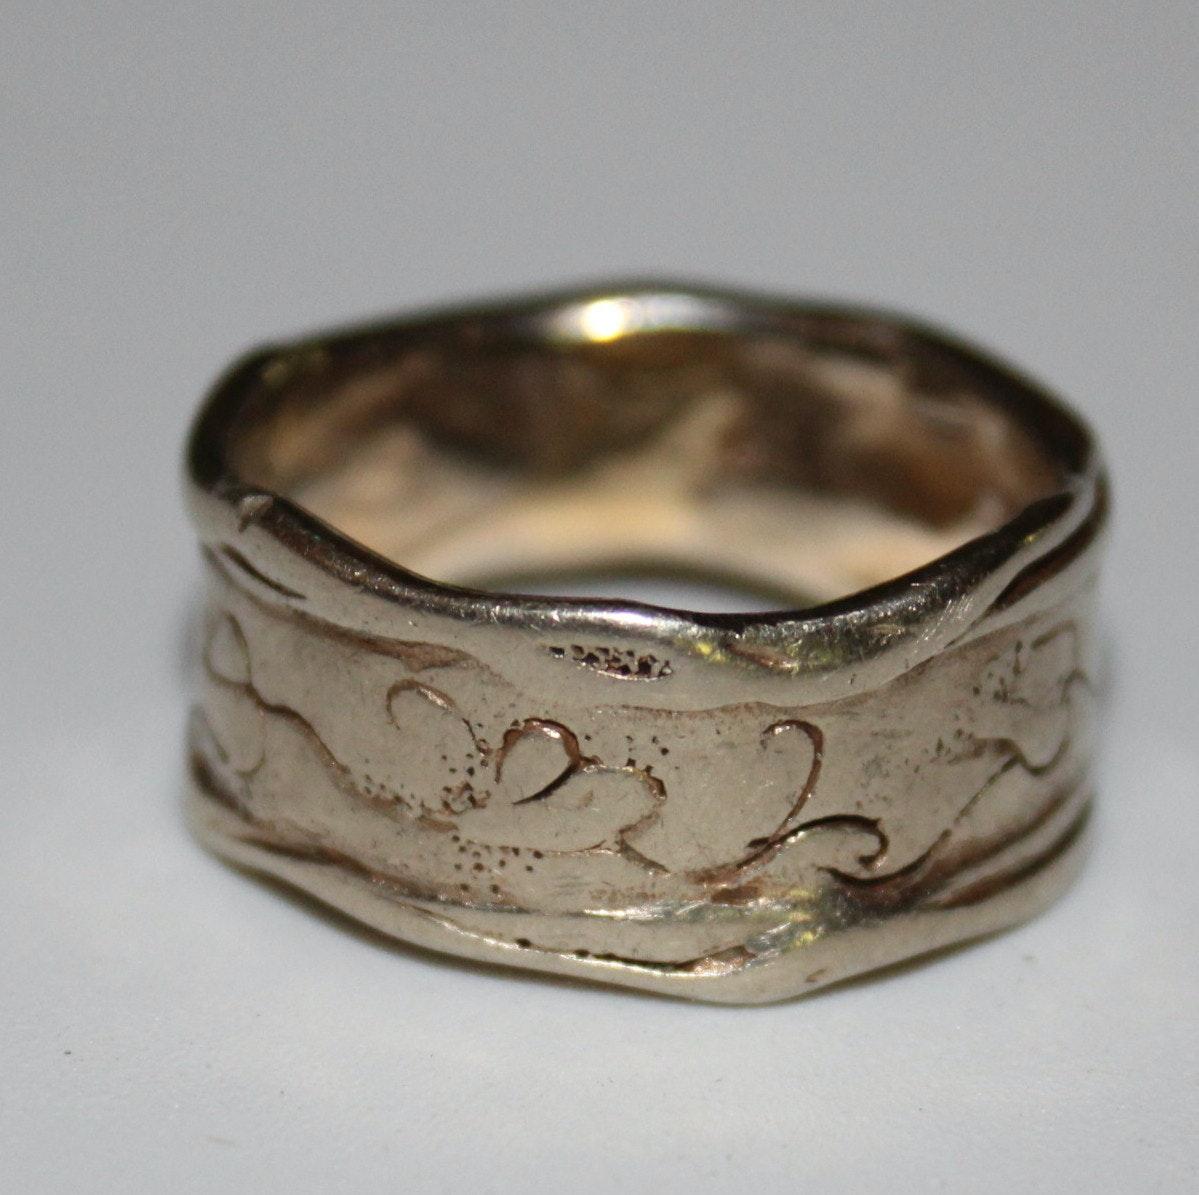 14K Gold Artisan-Made Men's Ring